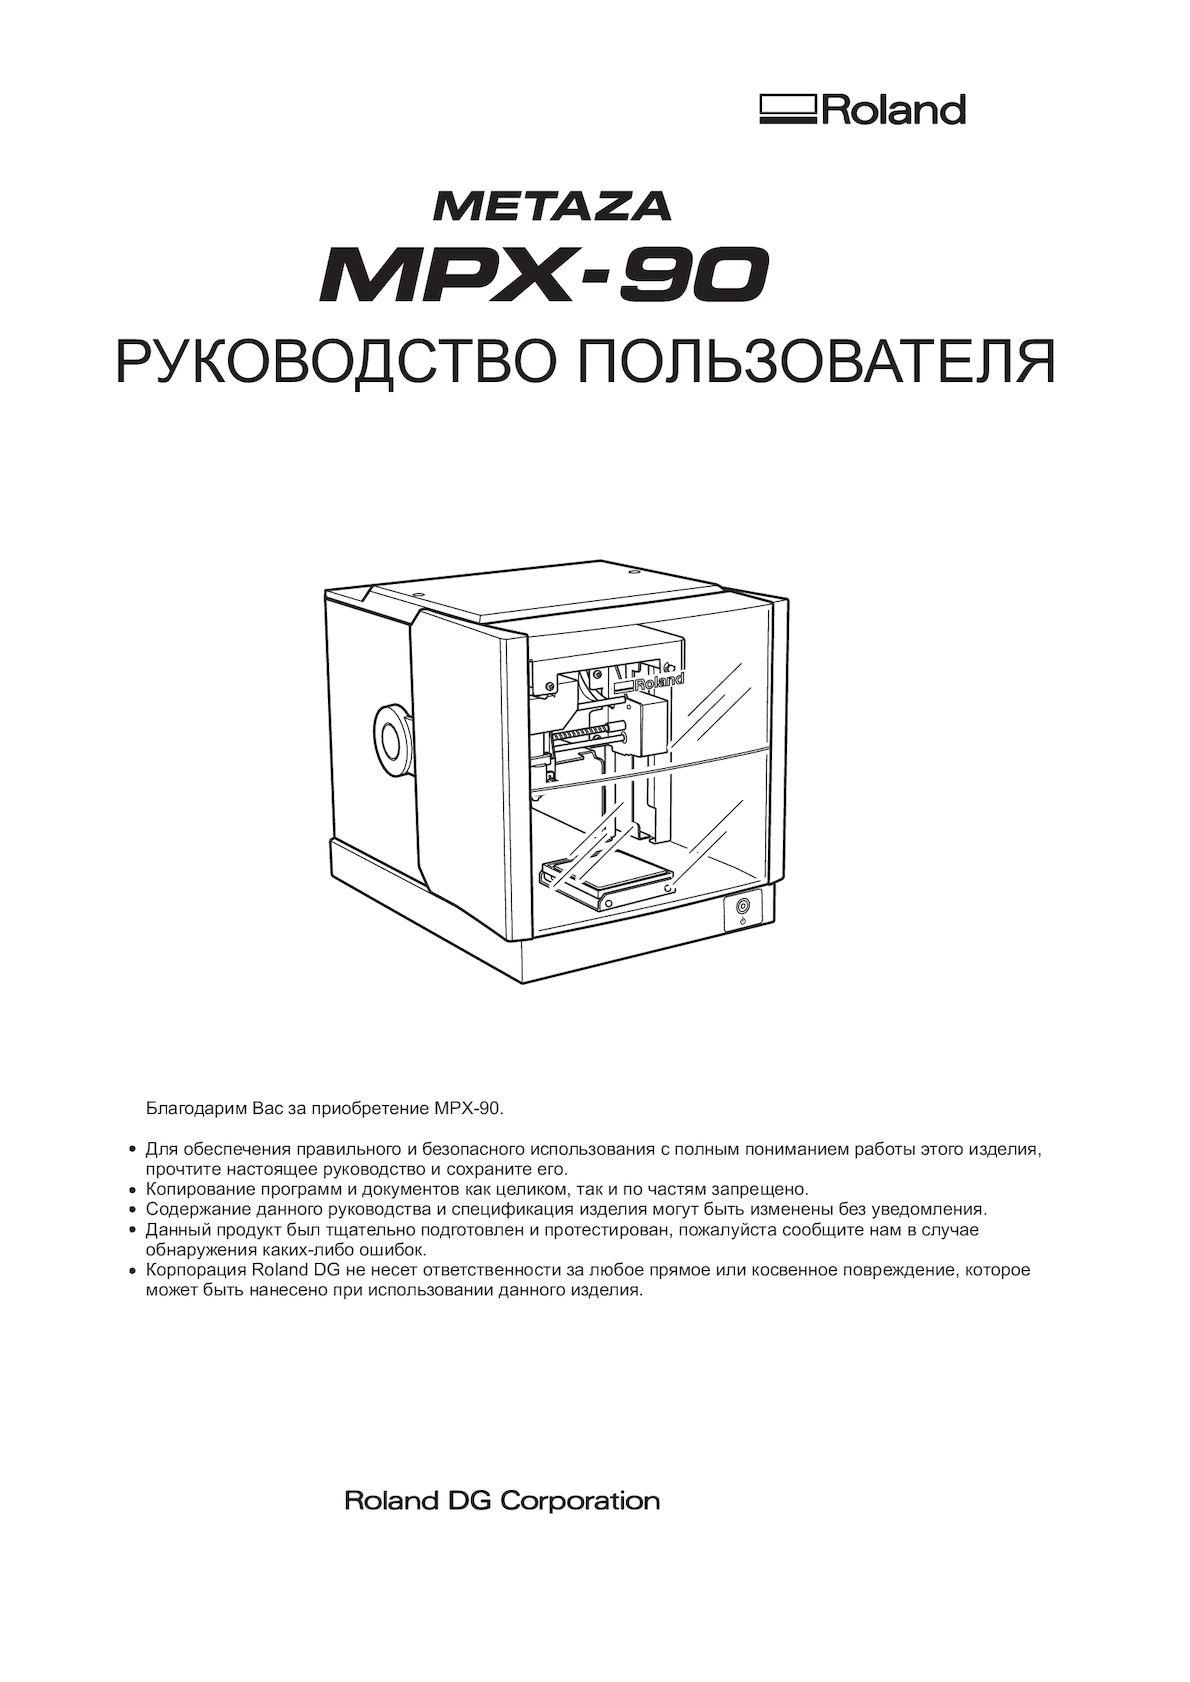 Руководство пользователя Mpx-90